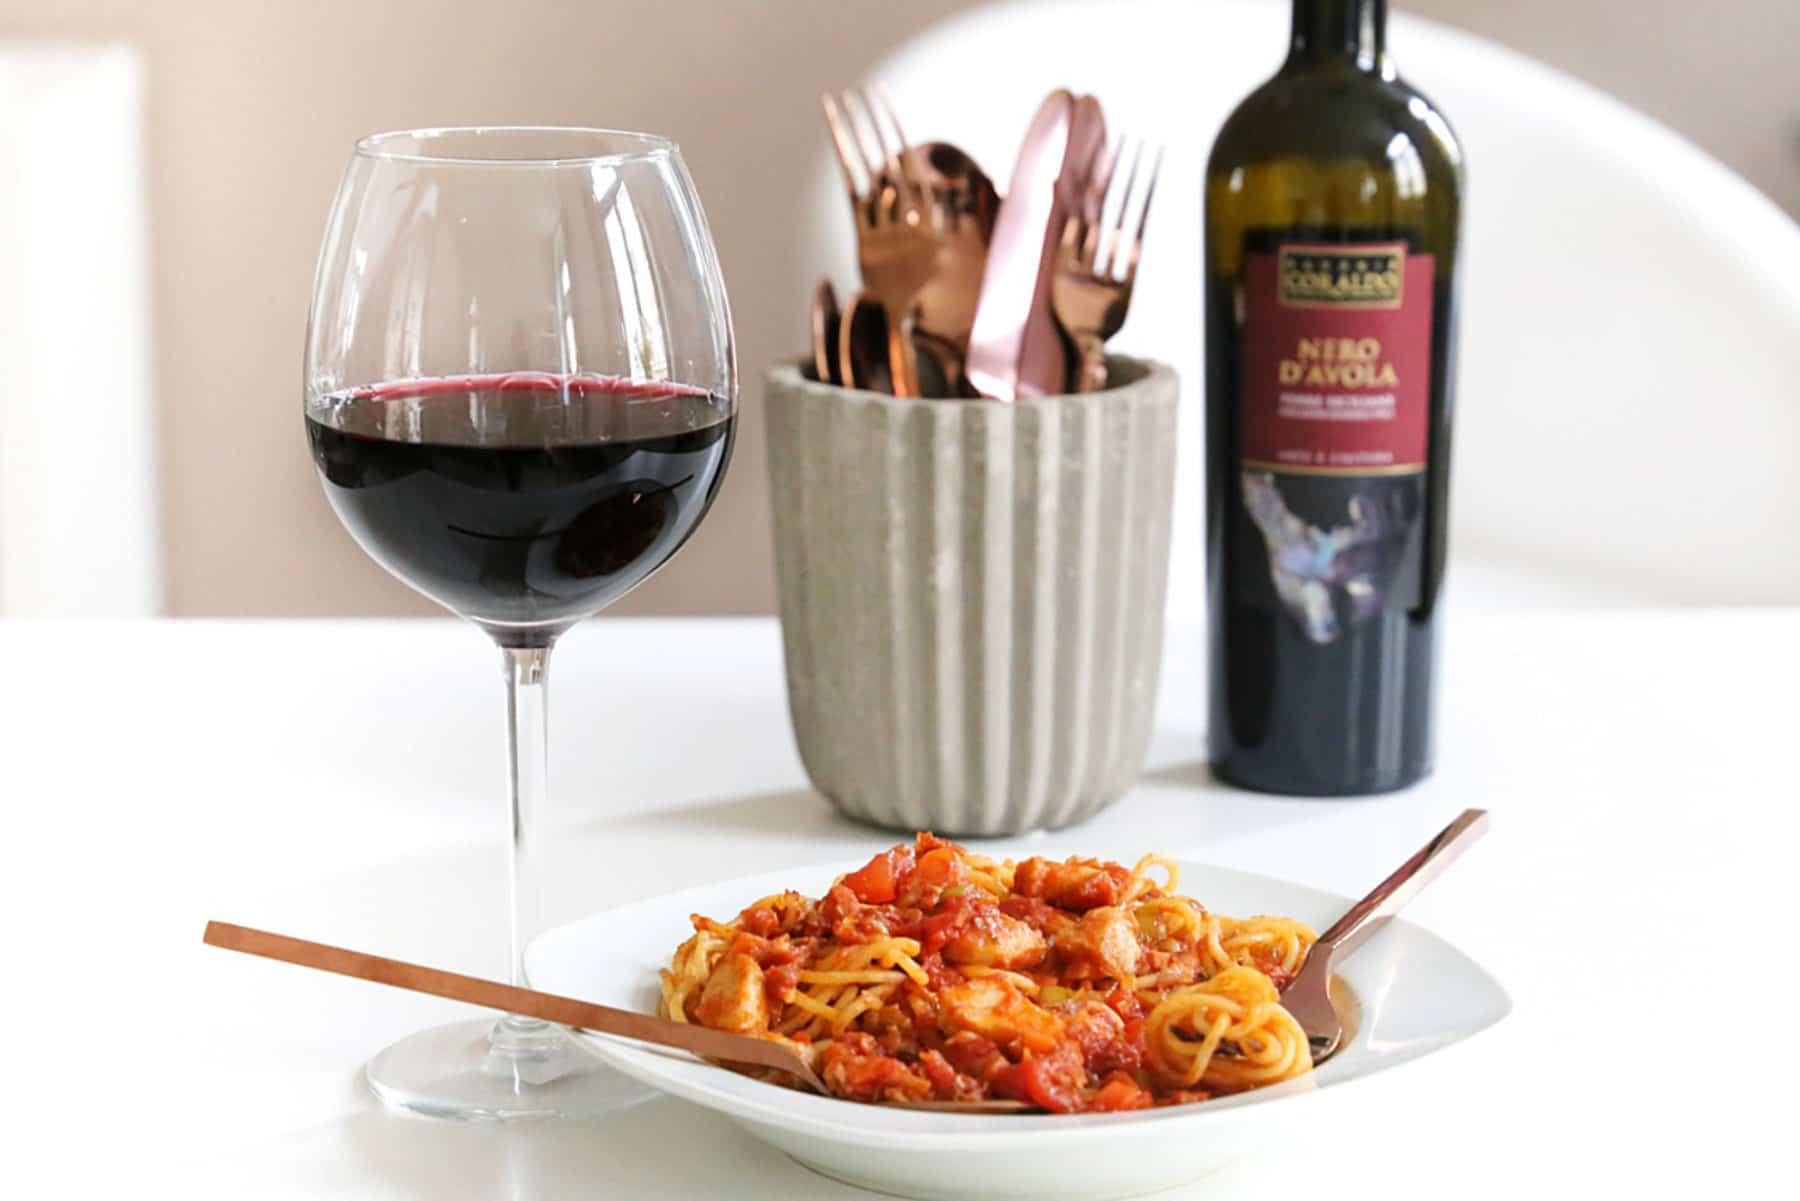 Rezept – Spaghetti Fisch-Bolognese mit einem trockenen Rotwein